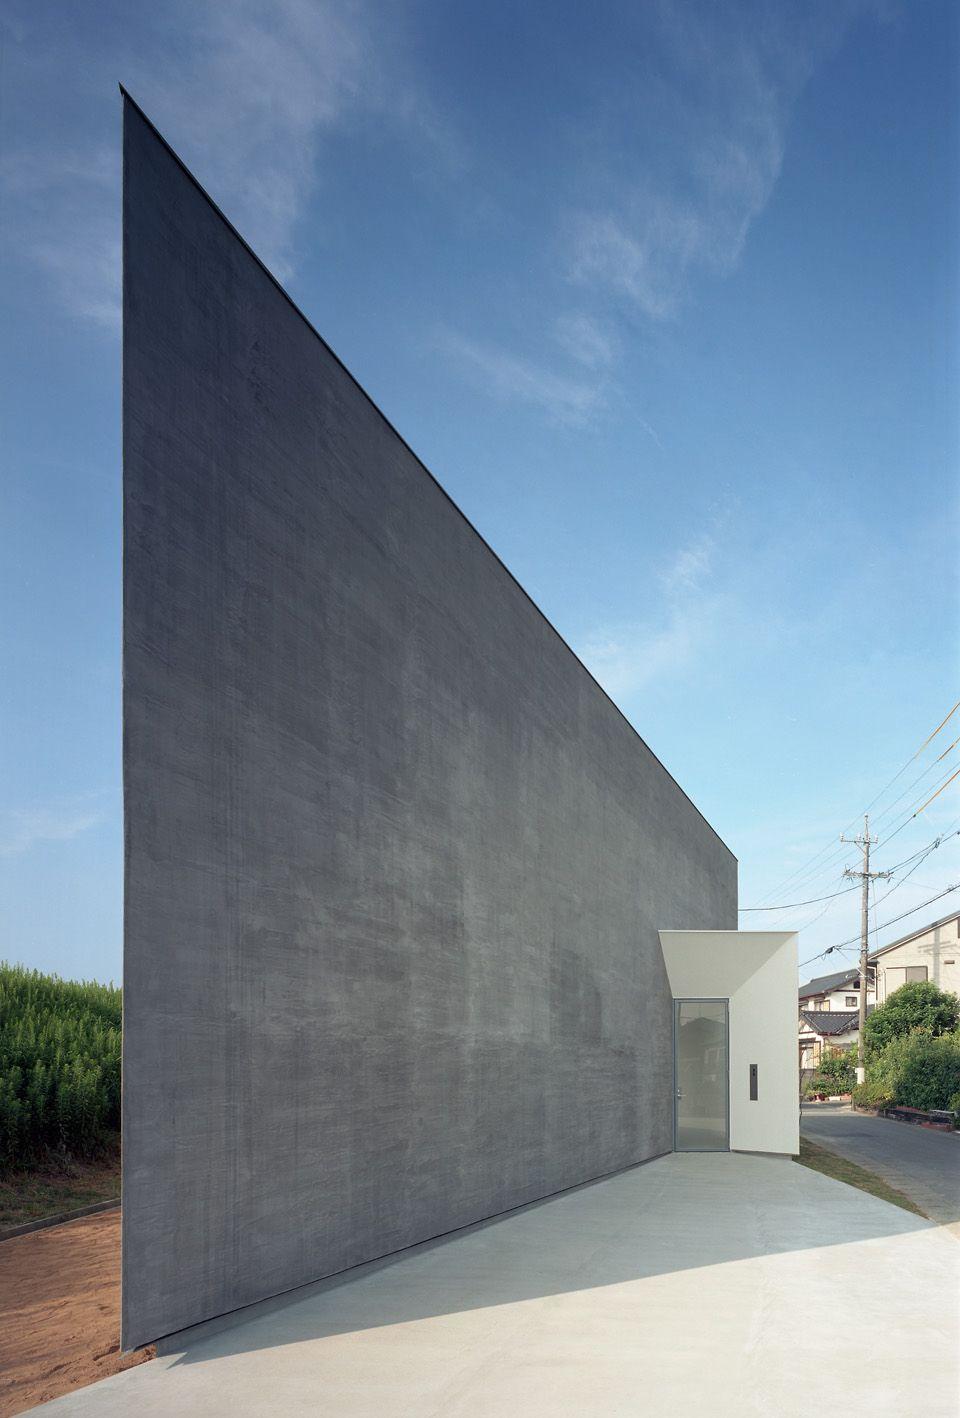 KAWABE NO SUMIKA (Riverbank House) by Atsushi and Mayumi Kawamoto (mA-style).